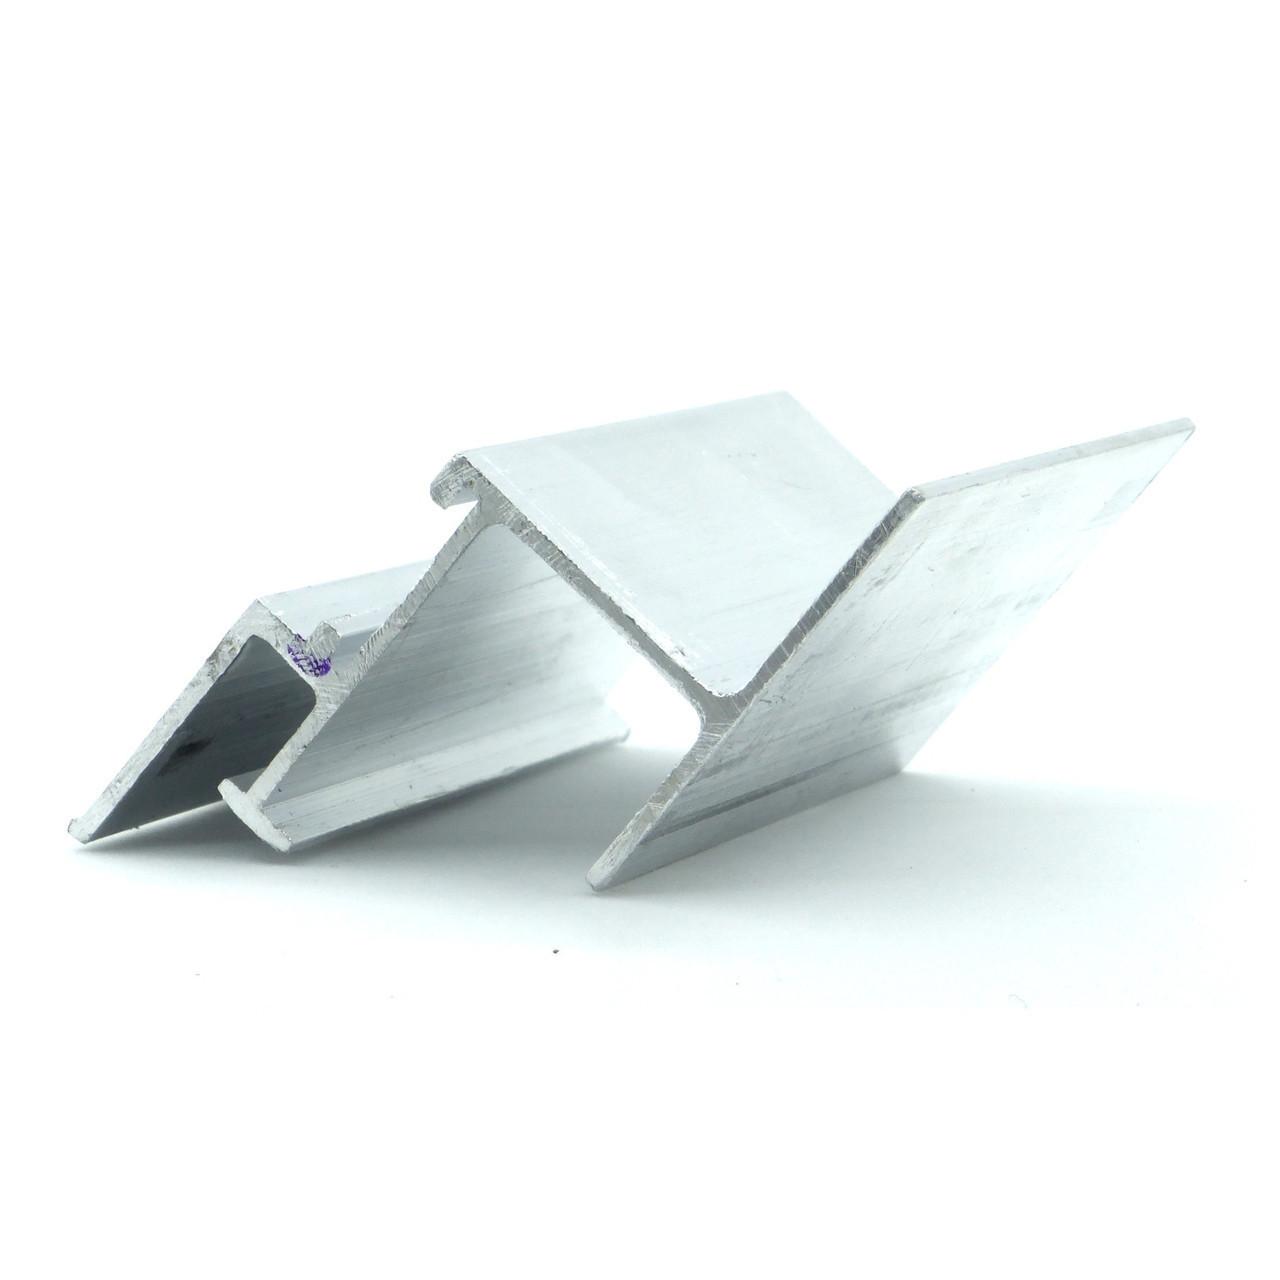 Профиль алюминиевый - парящий, прямой, без вставки №2. Длина профиля 2,5 м.